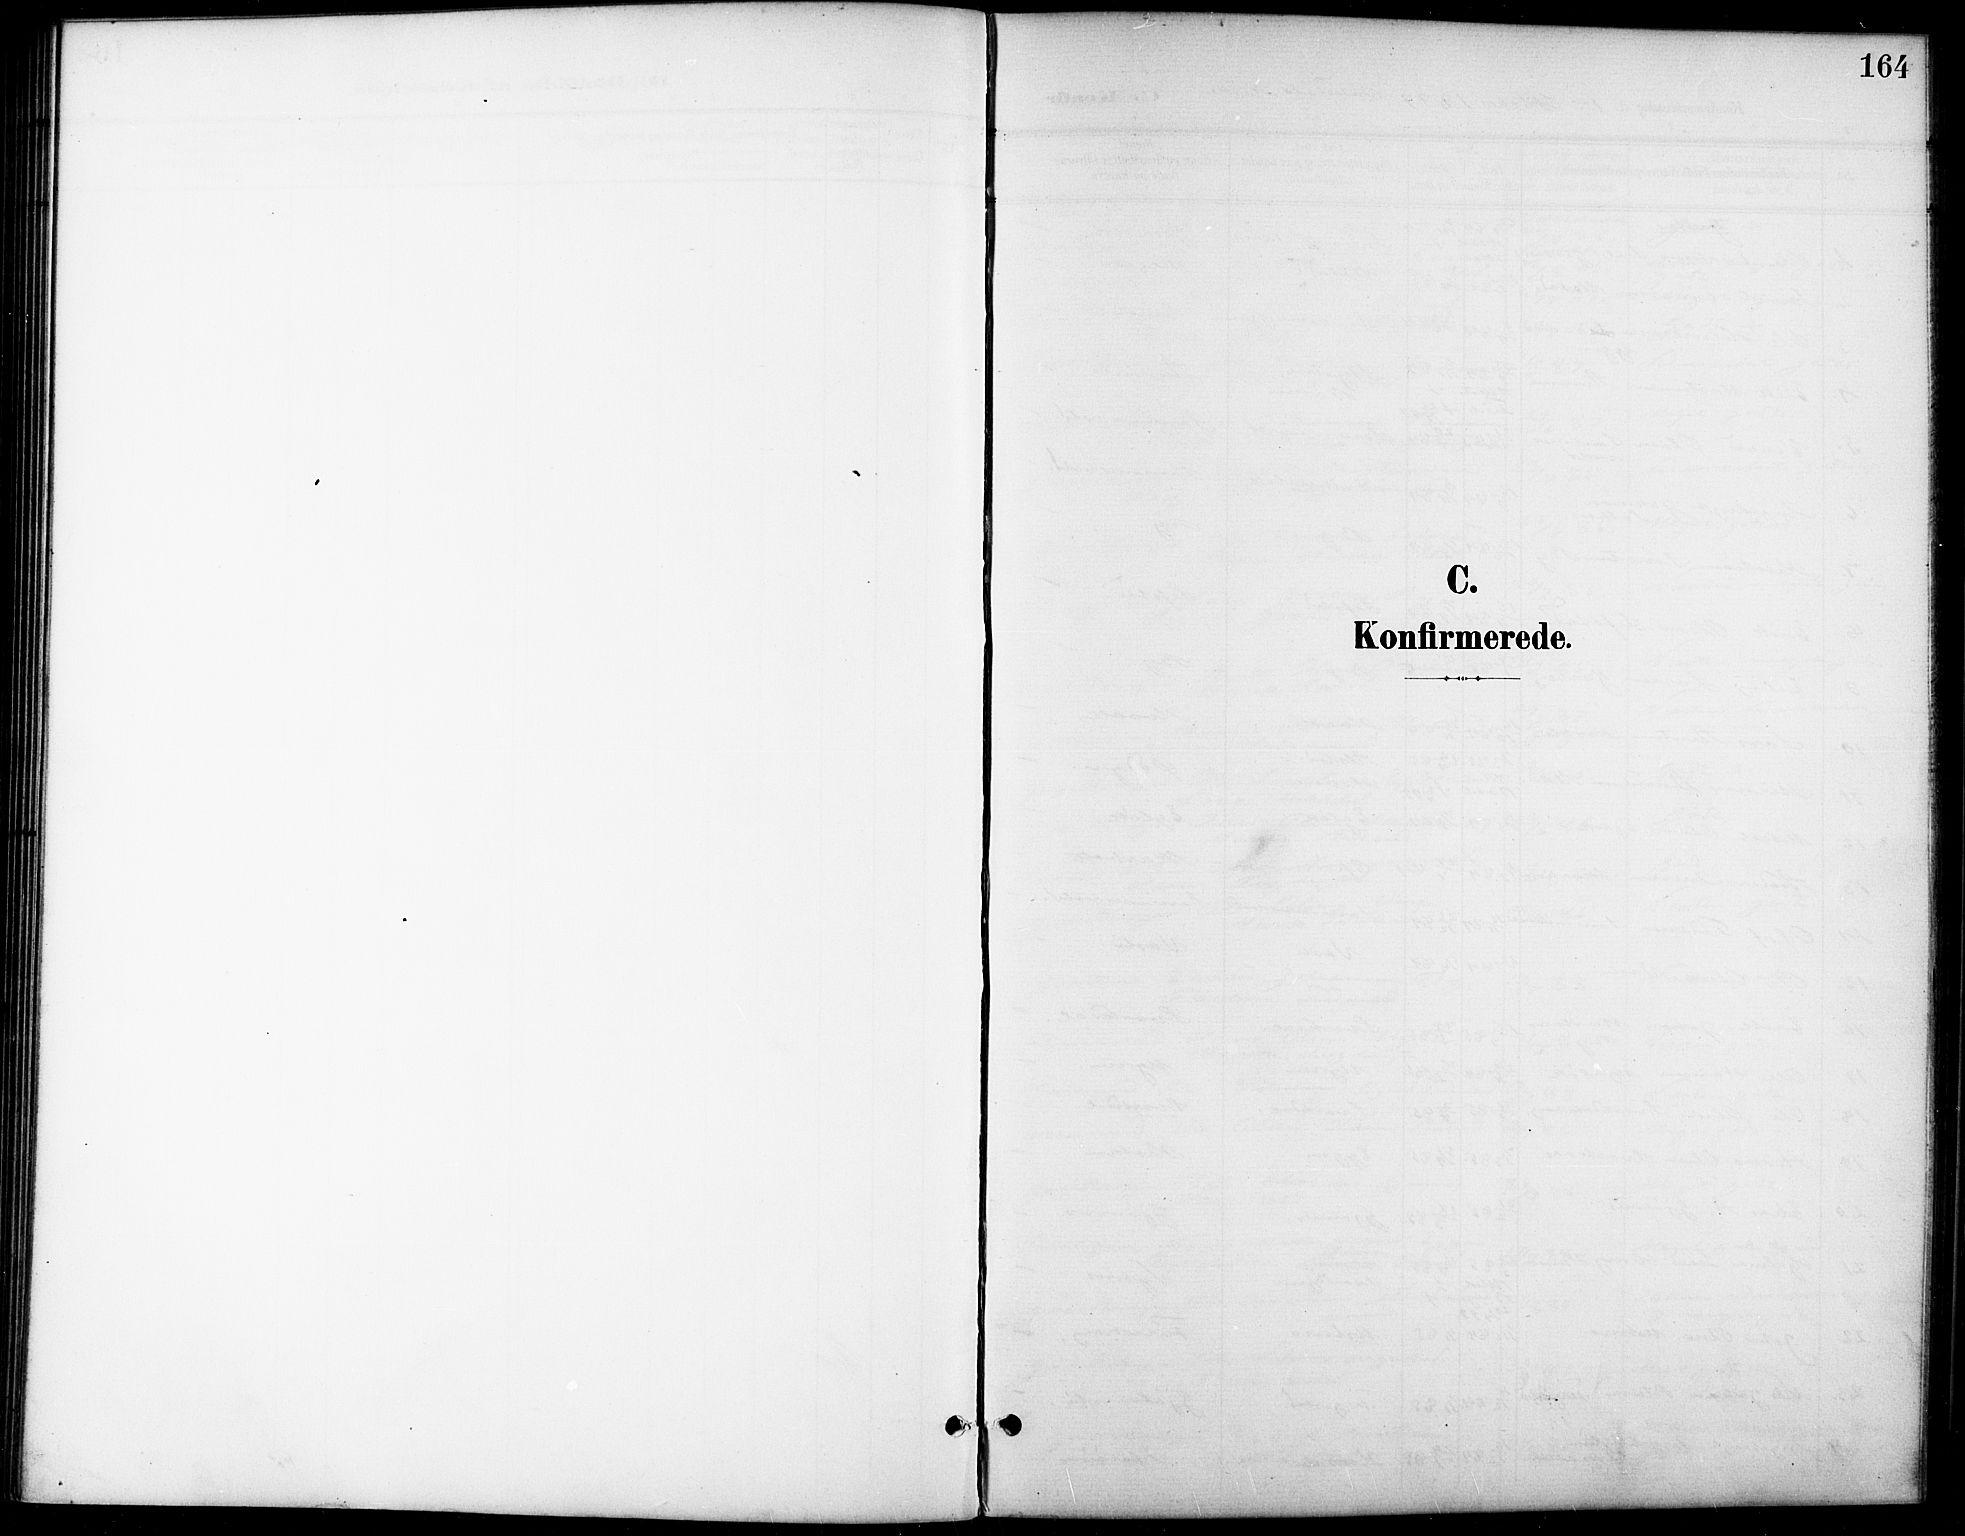 SAT, Ministerialprotokoller, klokkerbøker og fødselsregistre - Sør-Trøndelag, 668/L0819: Klokkerbok nr. 668C08, 1899-1912, s. 164